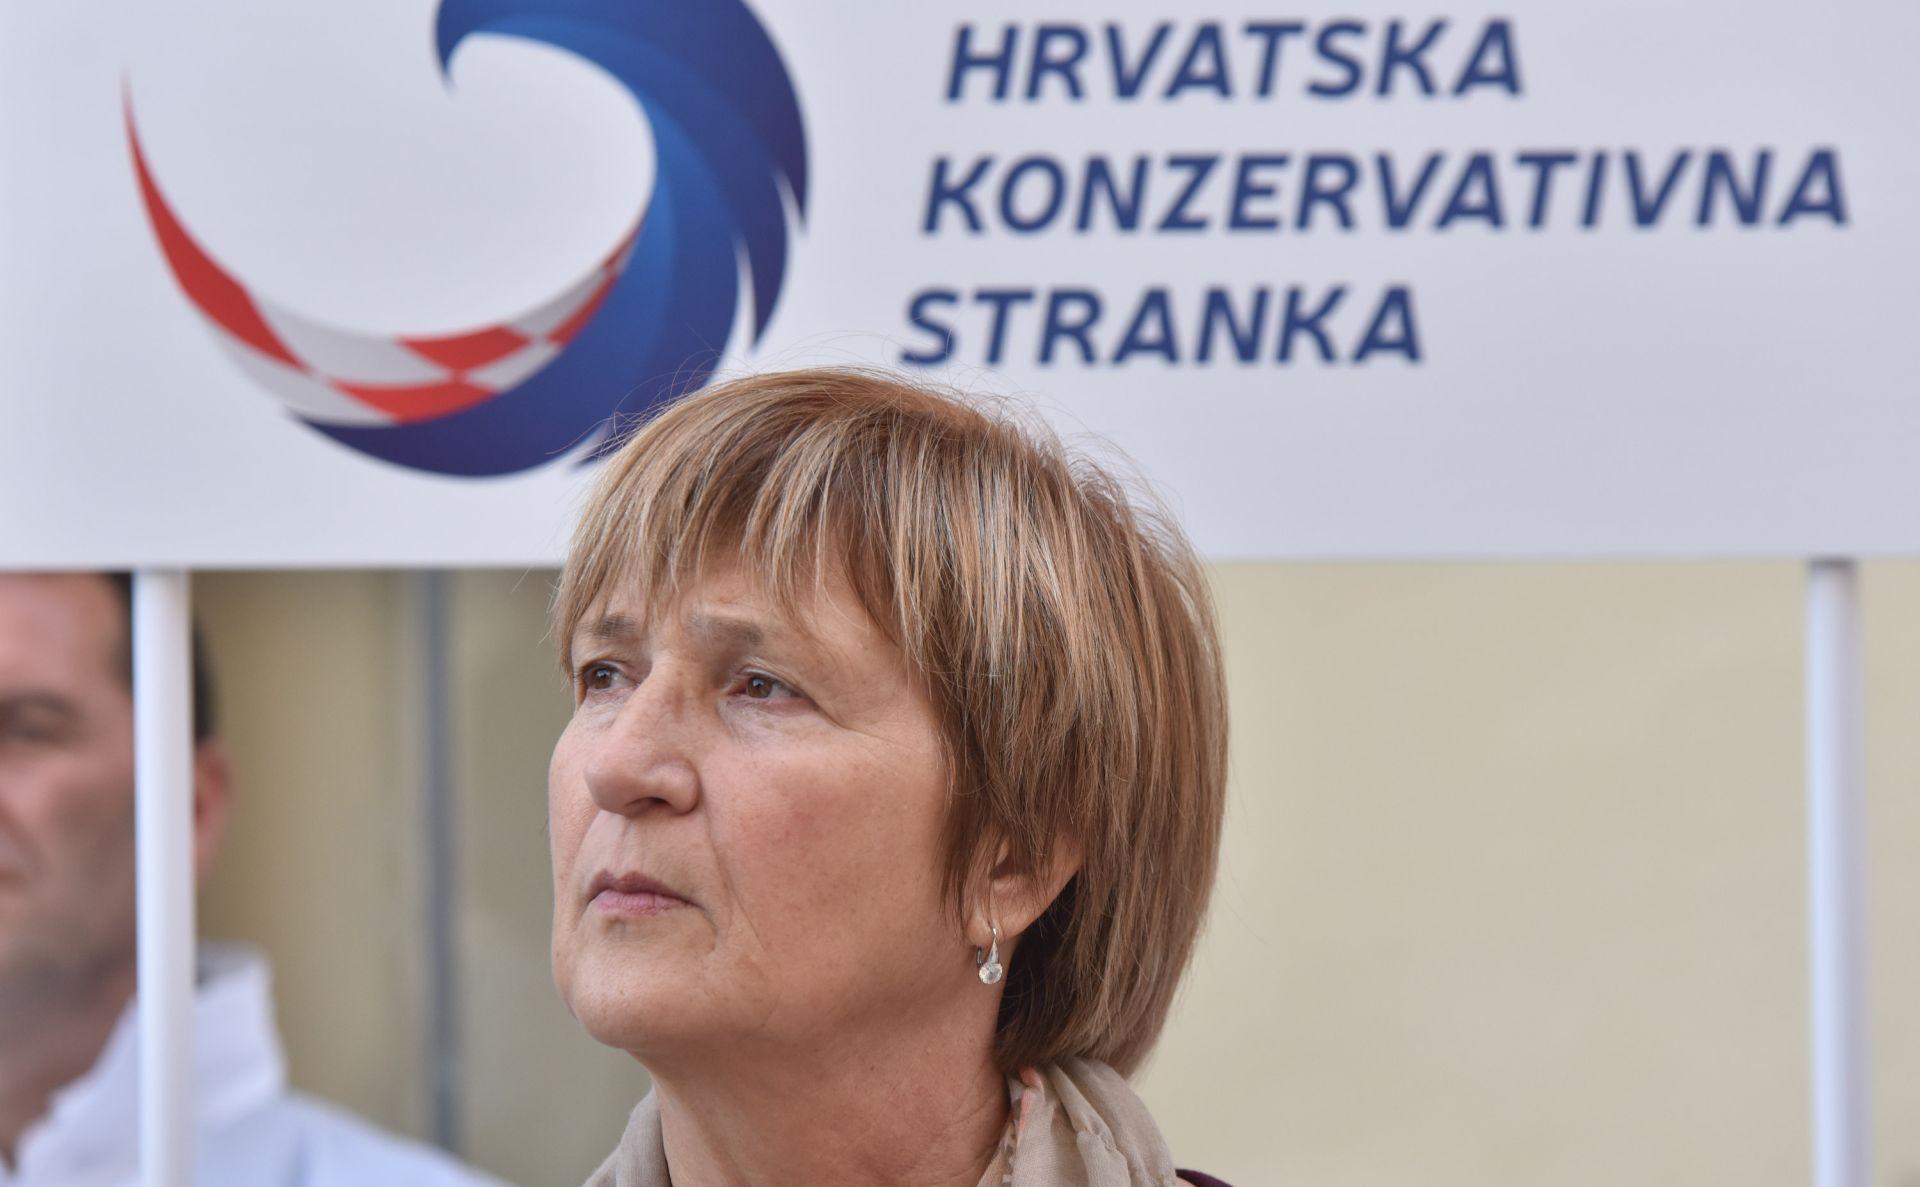 HRVATSKA KONZERVATIVNA STRANKA: Prijedlog revizije Zakona o općem oprostu